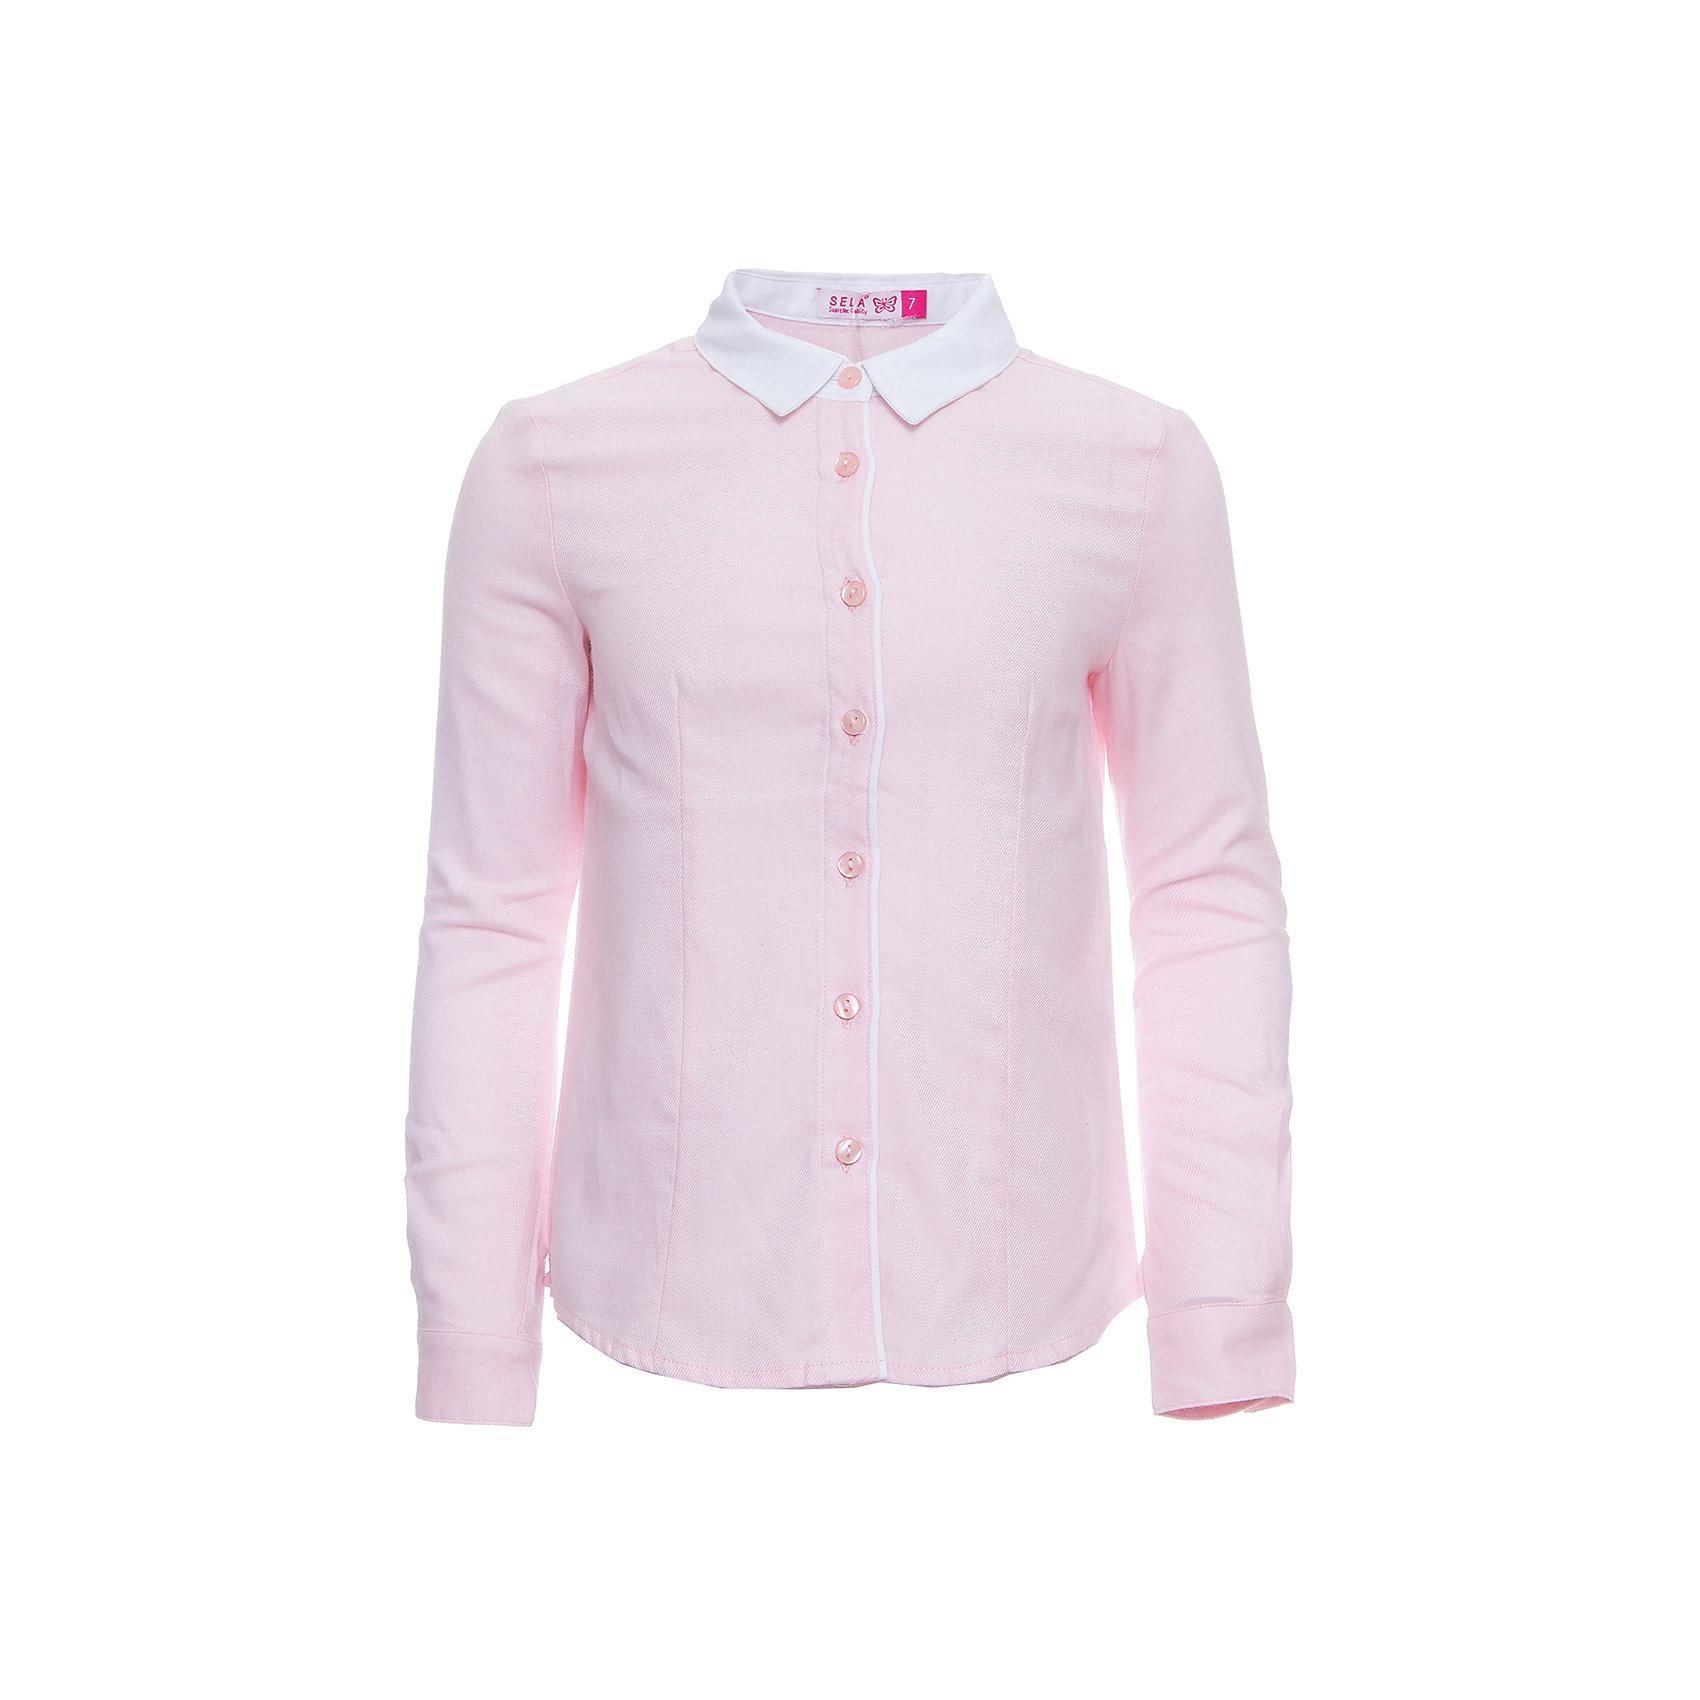 Блуза SELA для девочкиБлузки и рубашки<br>Характеристики товара:<br><br>• цвет: розовый;<br>• состав: 100% хлопок;<br>• сезон: демисезон;<br>• особенности: школьная;<br>• застежка: пуговицы<br>• манжеты на пуговице<br>• свободный крой;<br>• рукав: длинный;<br>• страна бренда: Россия;<br>• страна изготовитель: Китай.<br><br>Школьная блузка с длинным рукавом для девочки. Розовая блузка свободного кроя. Изготовлена из 100% хлопка. Застегивается на пуговицы. Манжеты блузки застегиваются на одну пуговицу.<br><br>Блузку Sela (Села) для девочки можно купить в нашем интернет-магазине.<br><br>Ширина мм: 186<br>Глубина мм: 87<br>Высота мм: 198<br>Вес г: 197<br>Цвет: розовый<br>Возраст от месяцев: 156<br>Возраст до месяцев: 168<br>Пол: Женский<br>Возраст: Детский<br>Размер: 164,122,128,134,140,146,152<br>SKU: 7009455